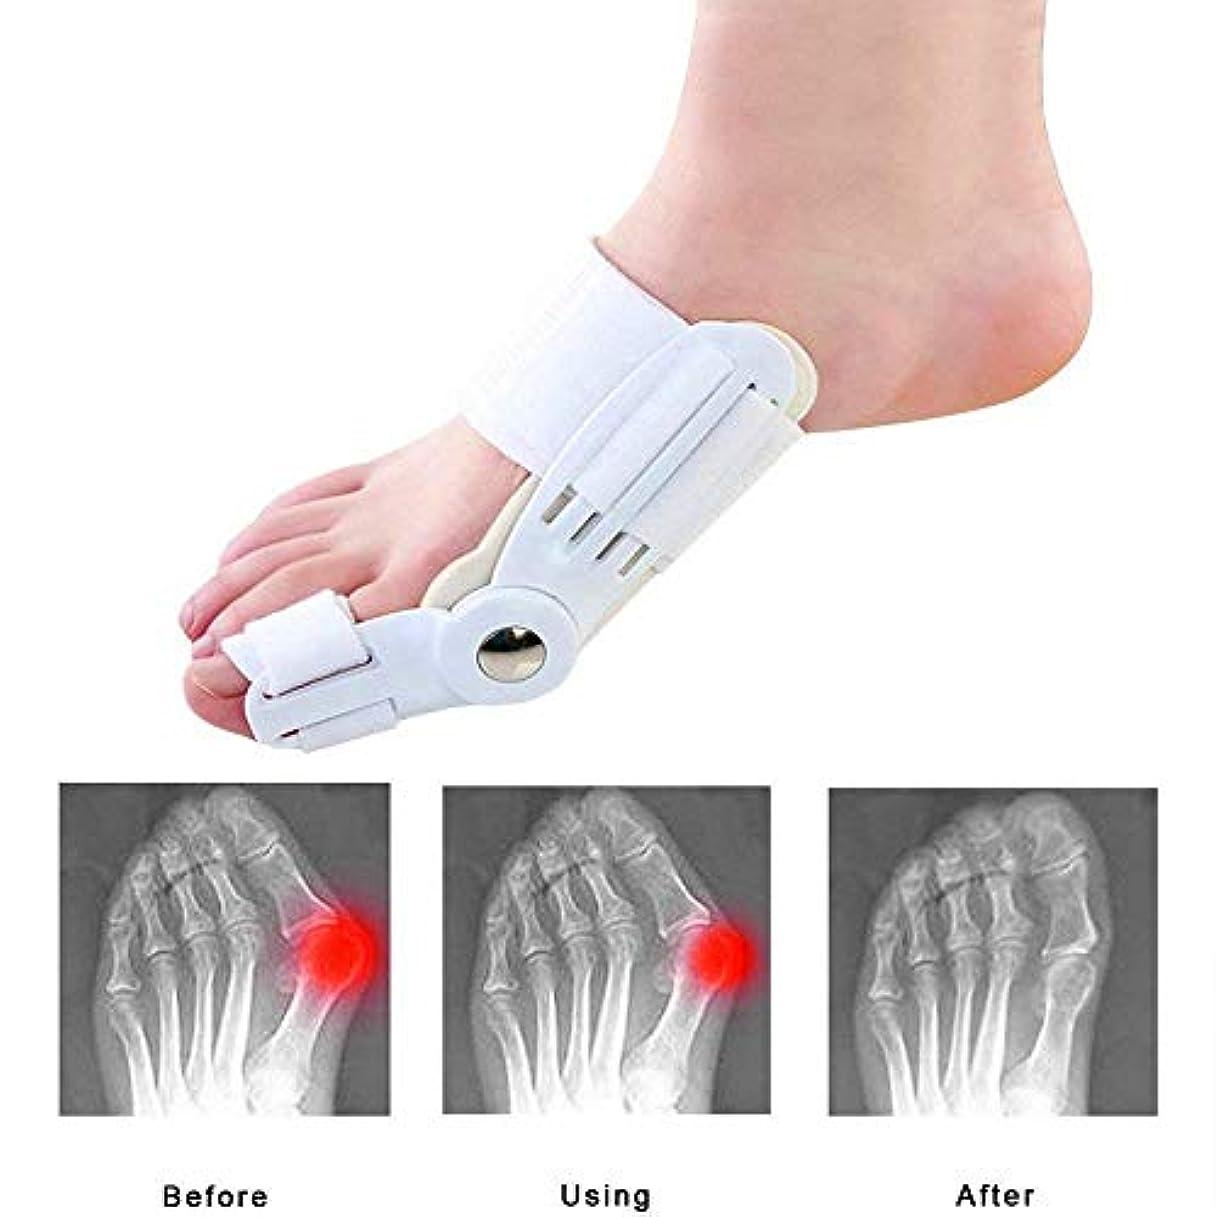 マージ許さない乏しいつま先のセパレーターと矯正、外反母A援助スプリント、痛みを軽減する腱膜瘤補正、ウォーキングトゥアライナー2 PCSを毎日使用